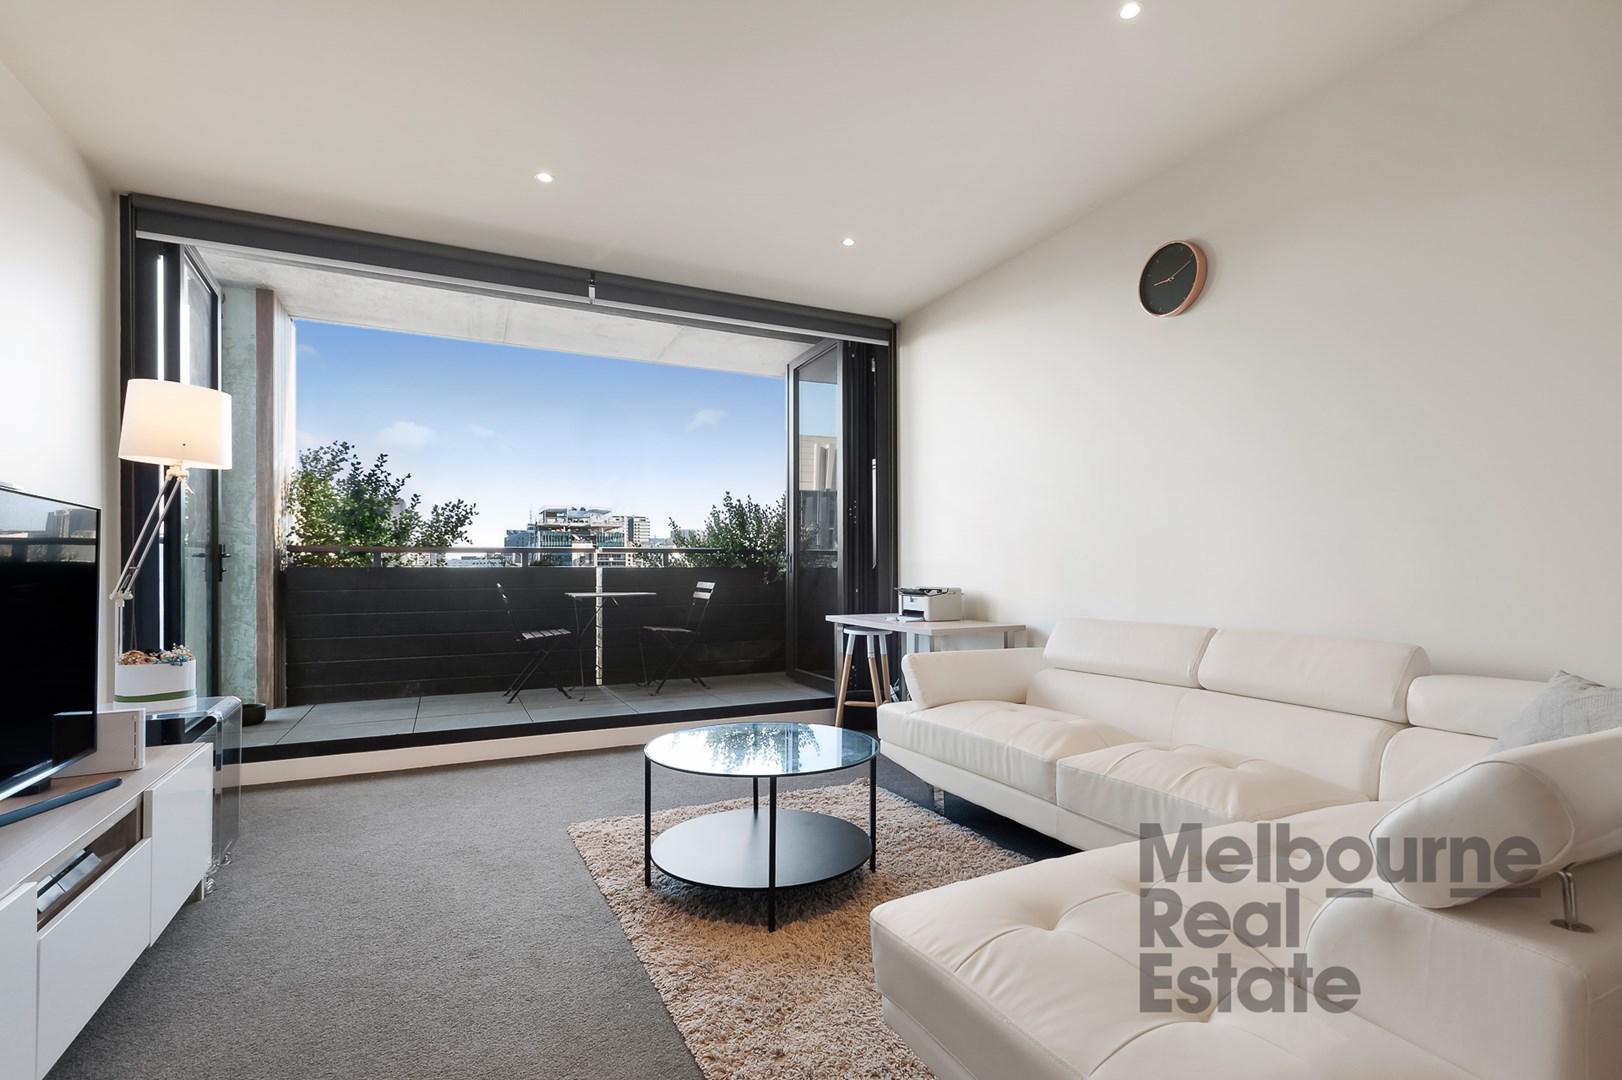 803/151 Franklin Street, Melbourne VIC 3000